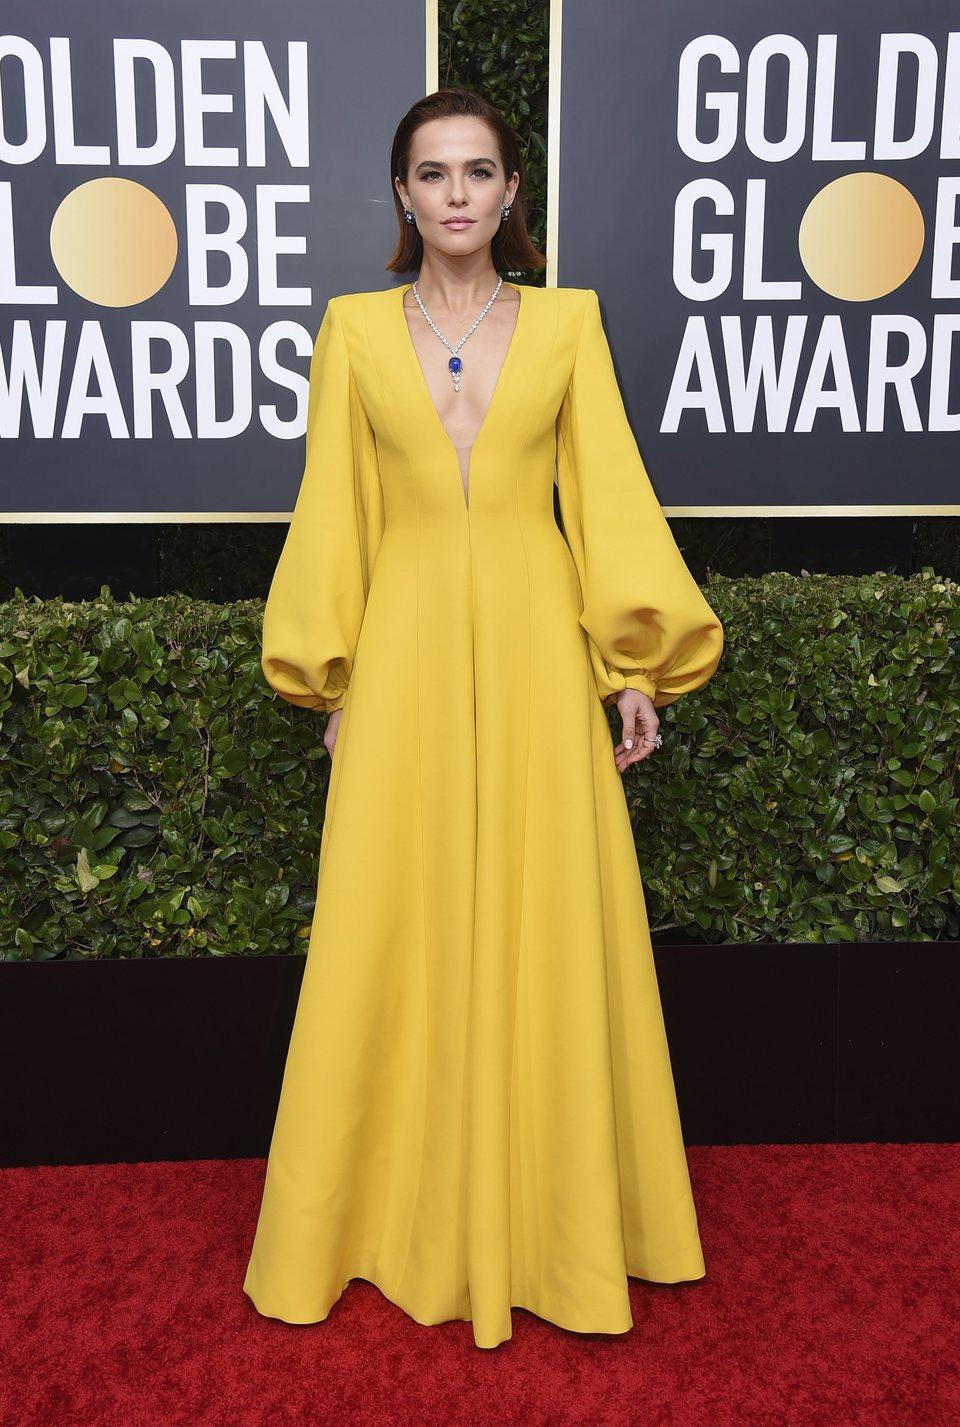 Zoey Deutch en la alfombra roja de los Globos de Oro 2020